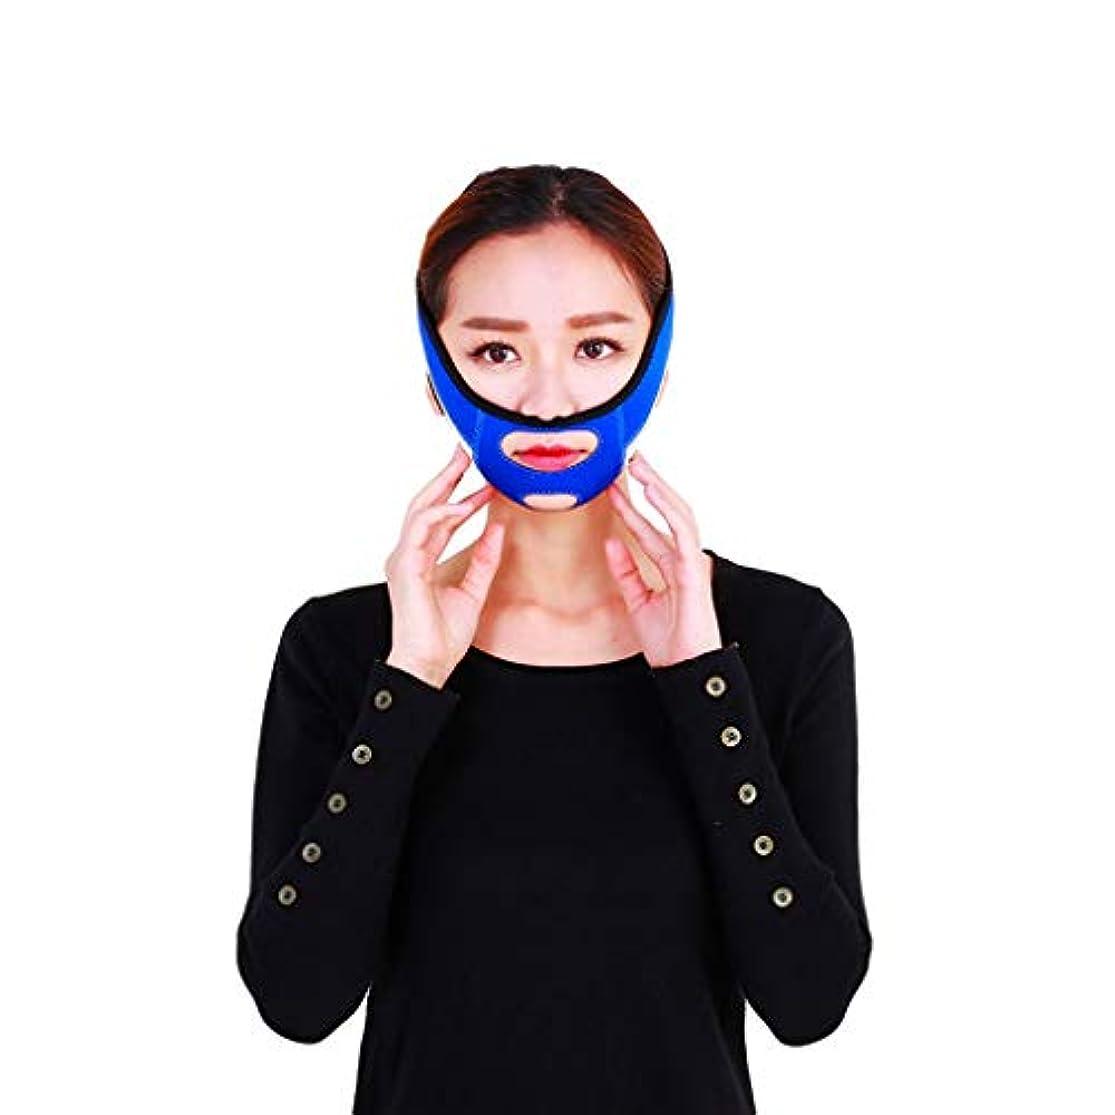 約キャンプピーブ滑り止め弾性ストレッチ包帯を強化するために口を調整する顔の顔のマスク